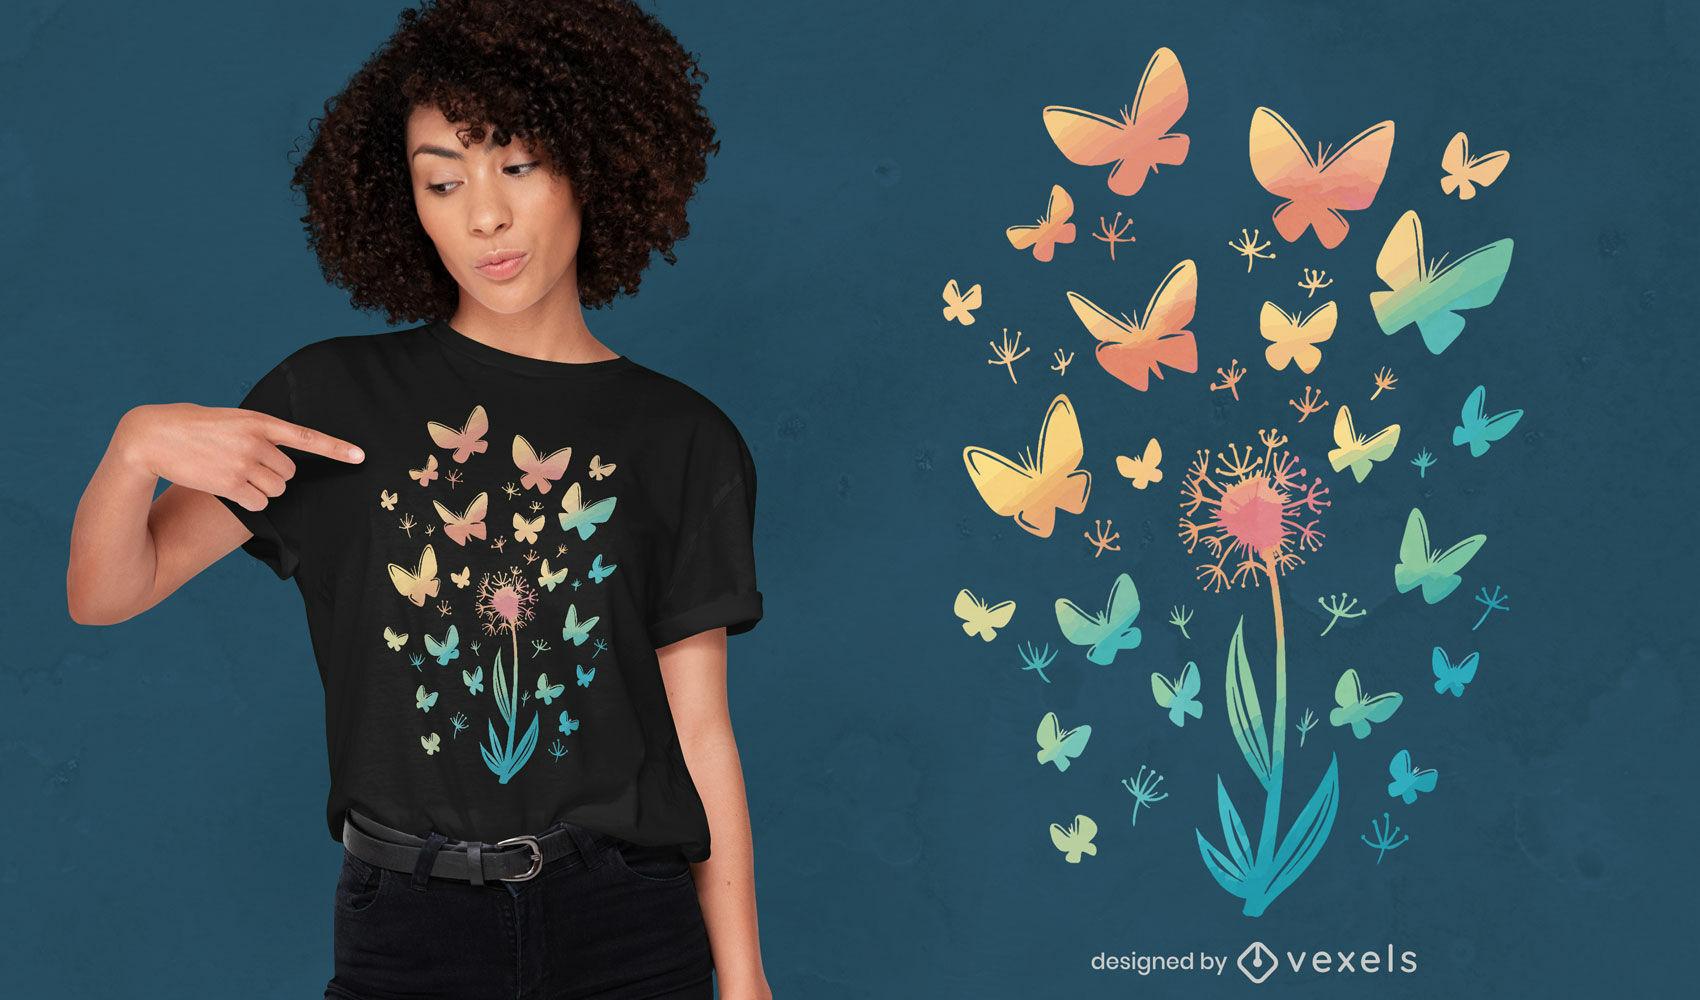 Dise?o de camiseta de flor de diente de le?n y mariposas.